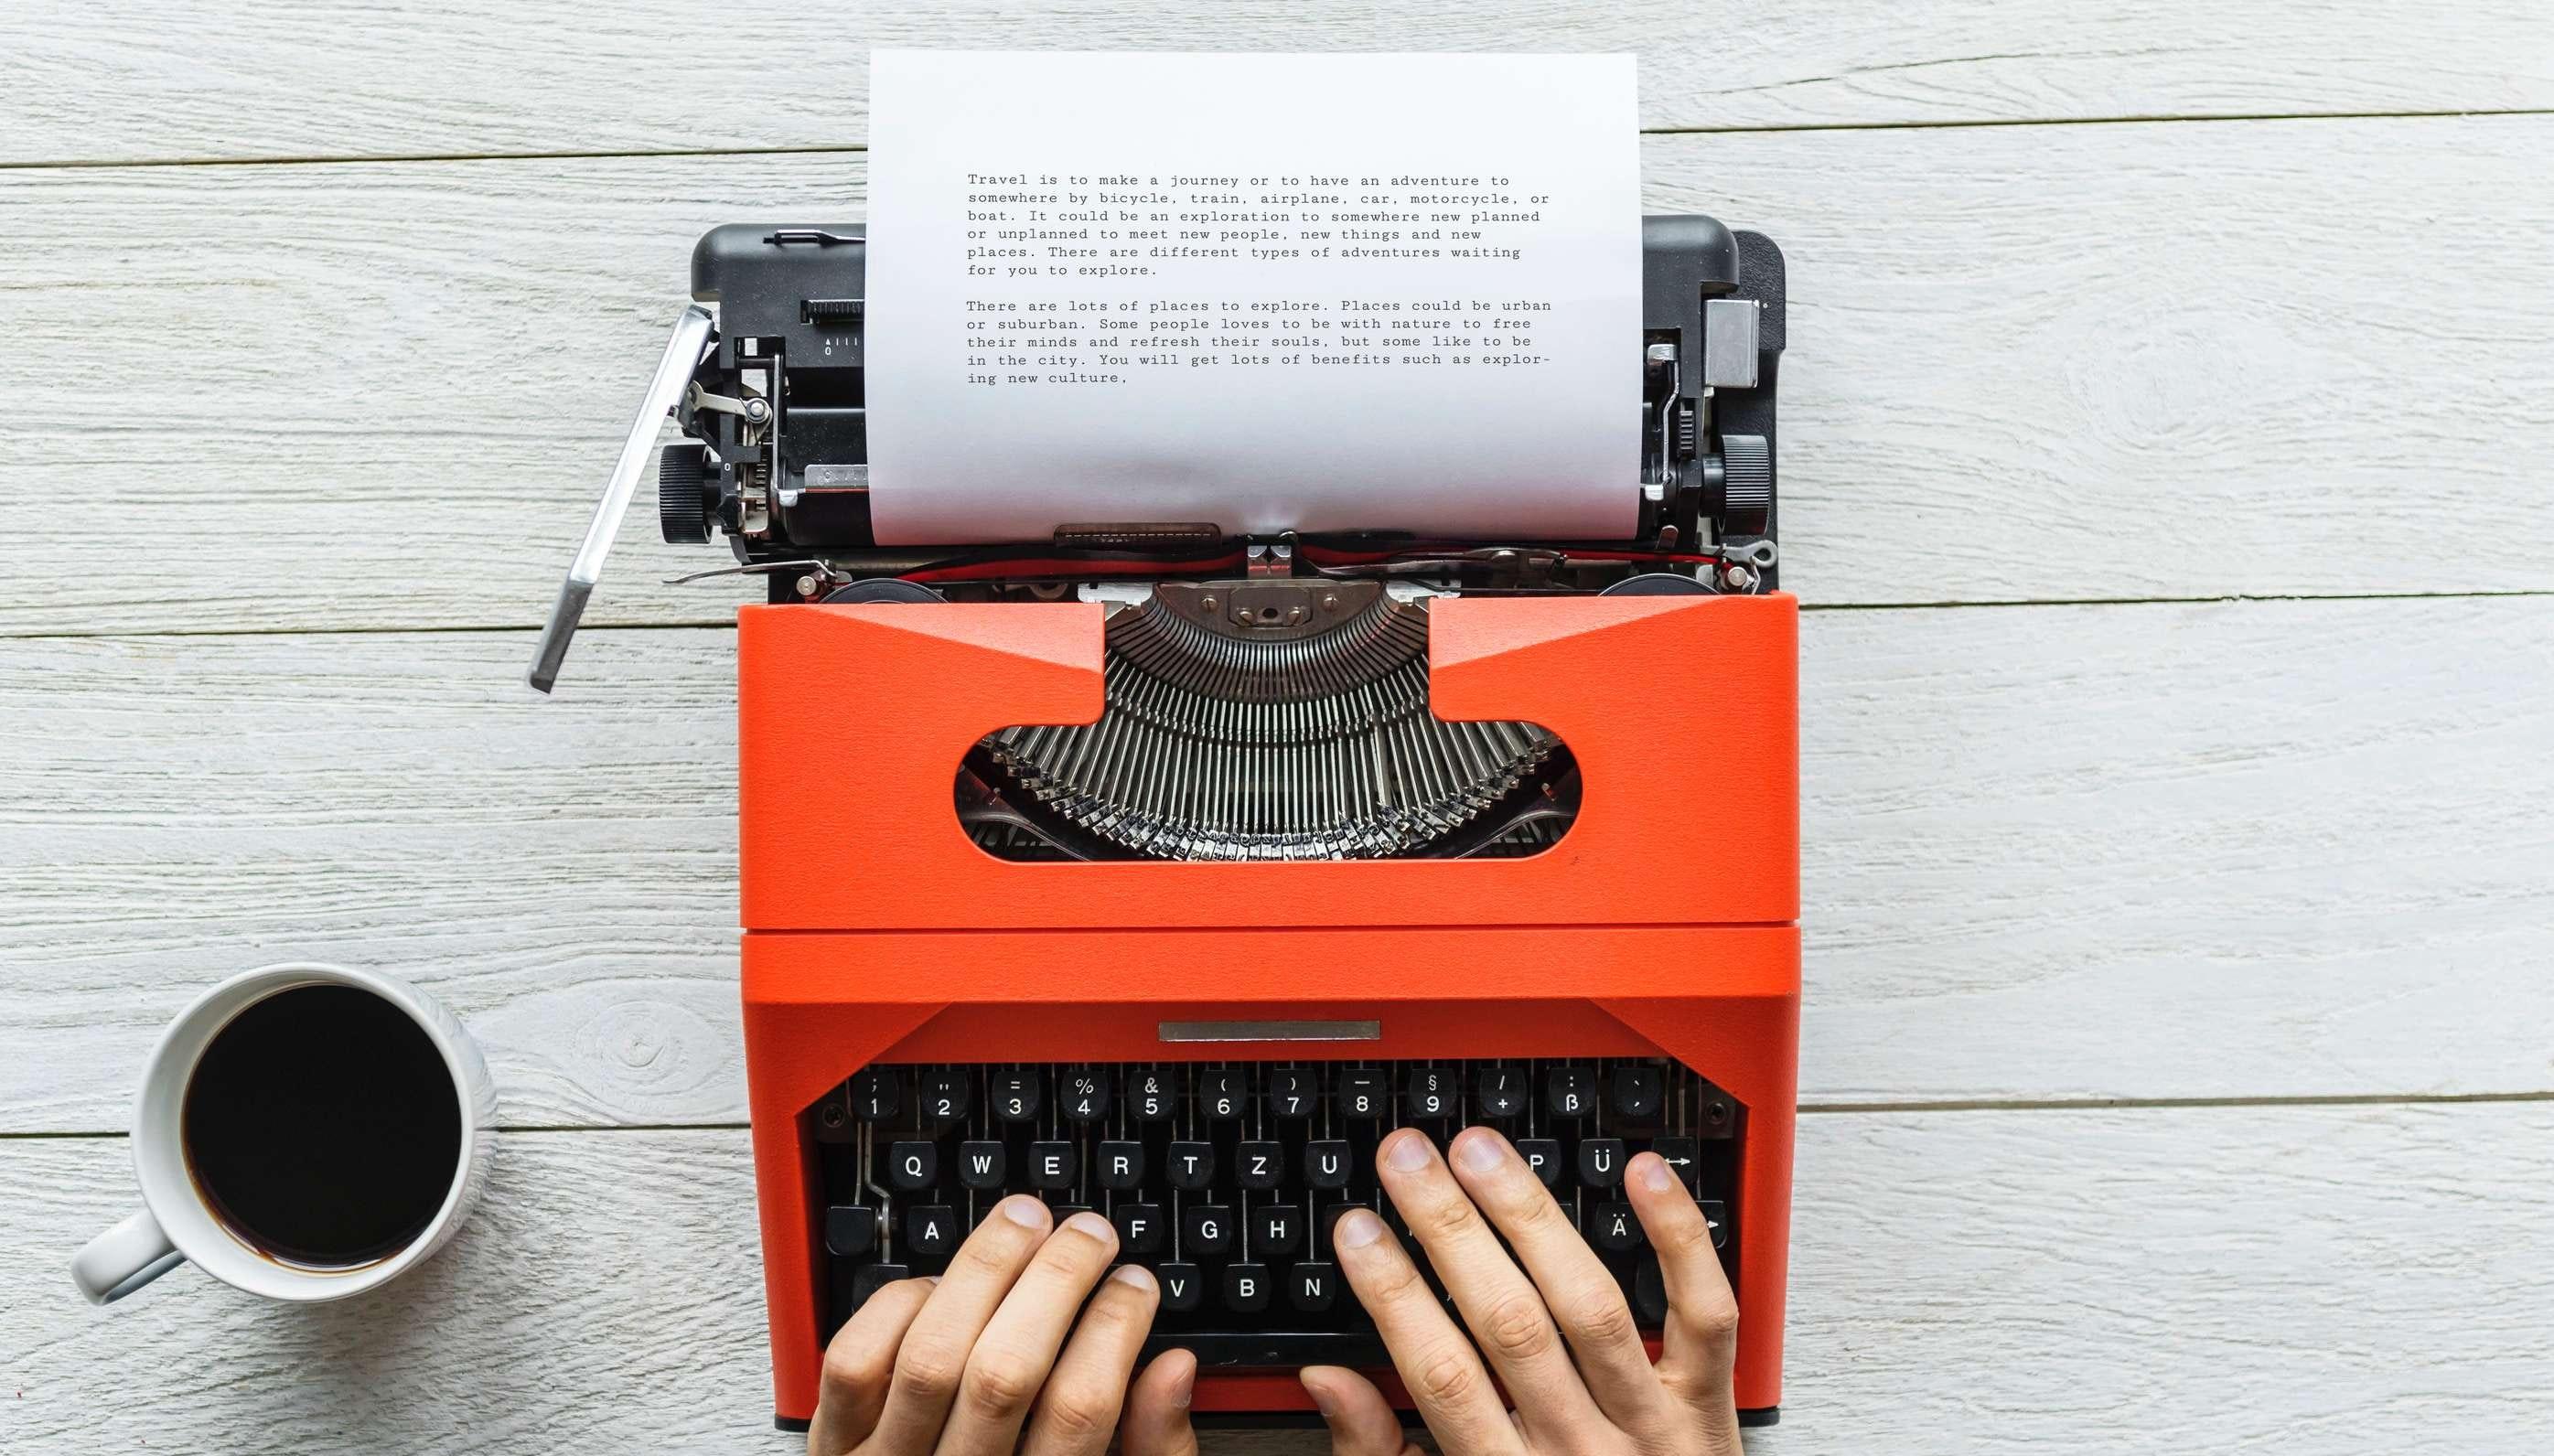 크리틱, 그리고 이슈 리포트의 귀환: 편집장의 말